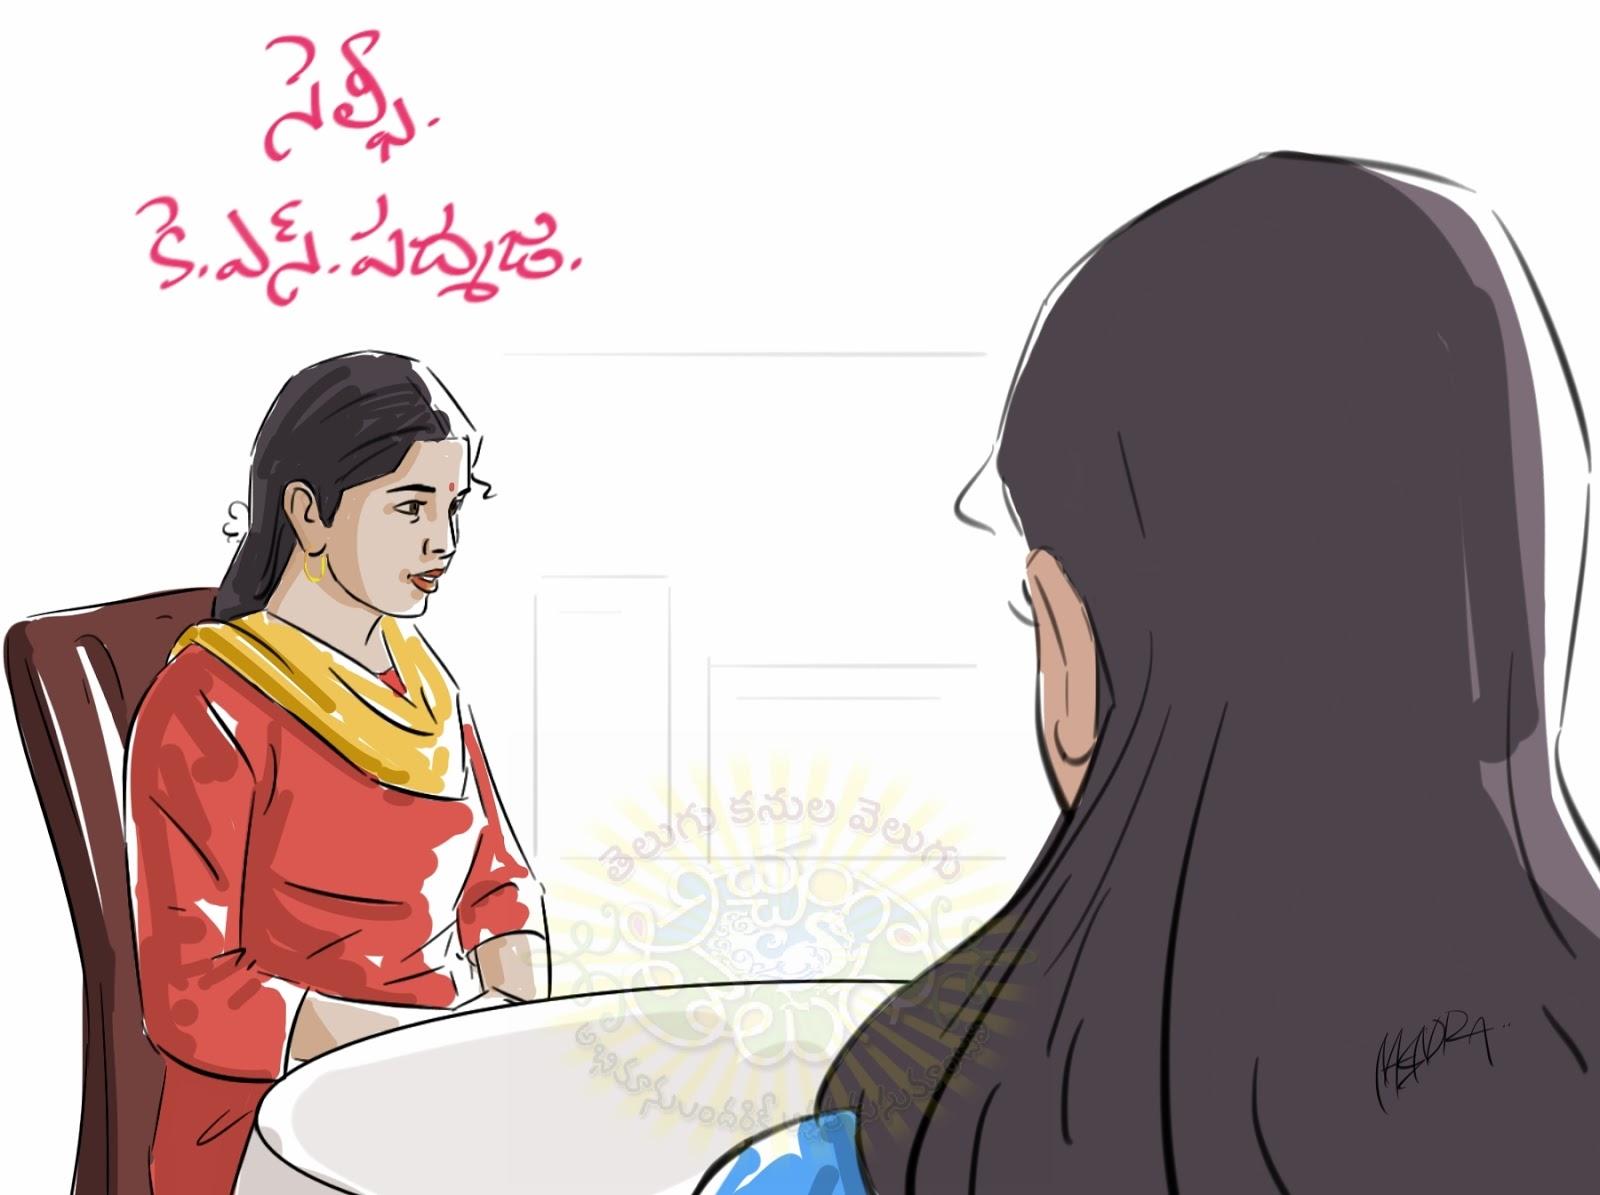 సెల్ఫీ కథాకదంబం, కె.ఎస్.పద్మజ